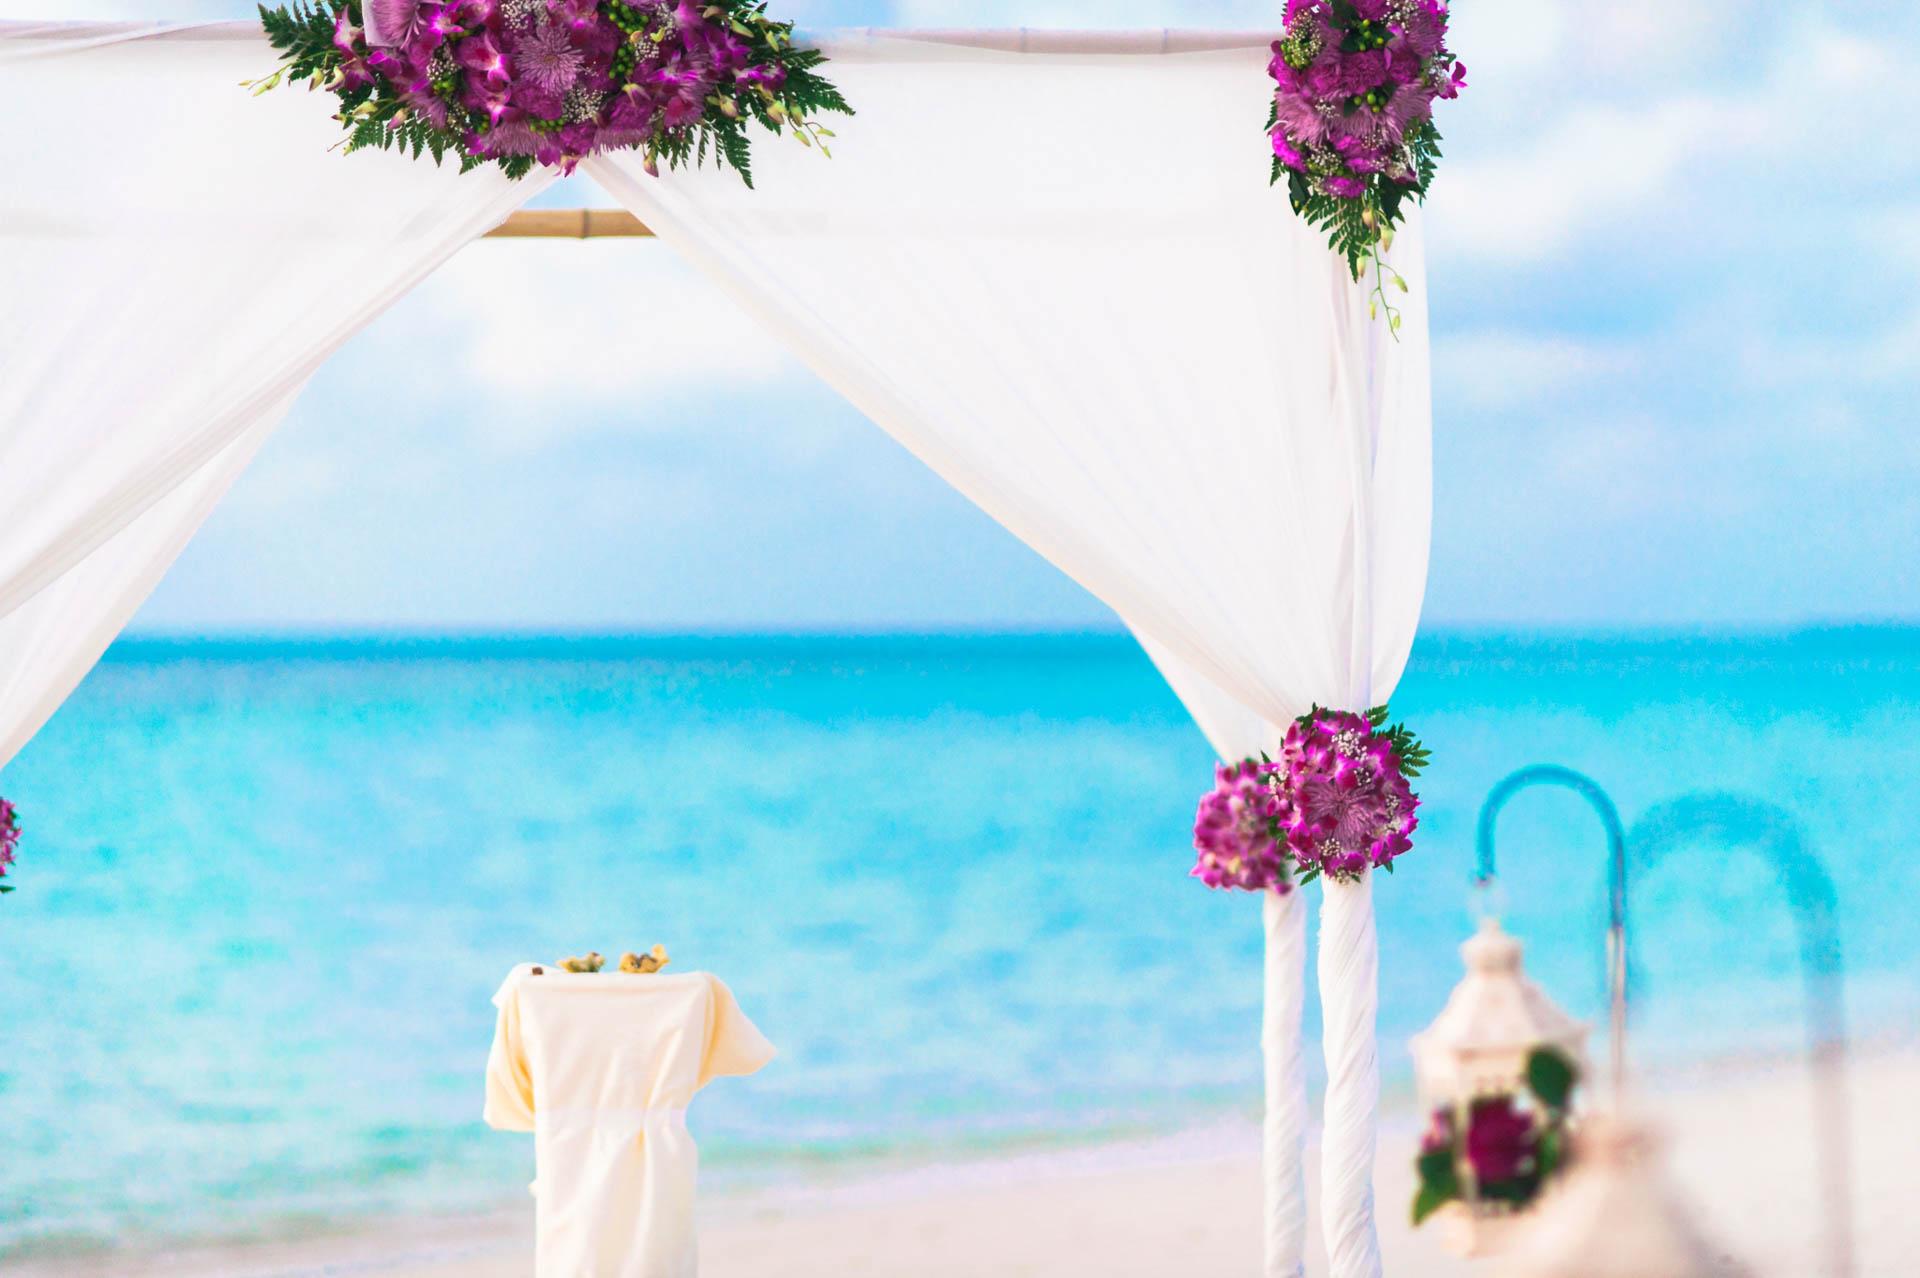 Kang Kim Sand Bank Wedding at St Regis Vommuly Maldives 16